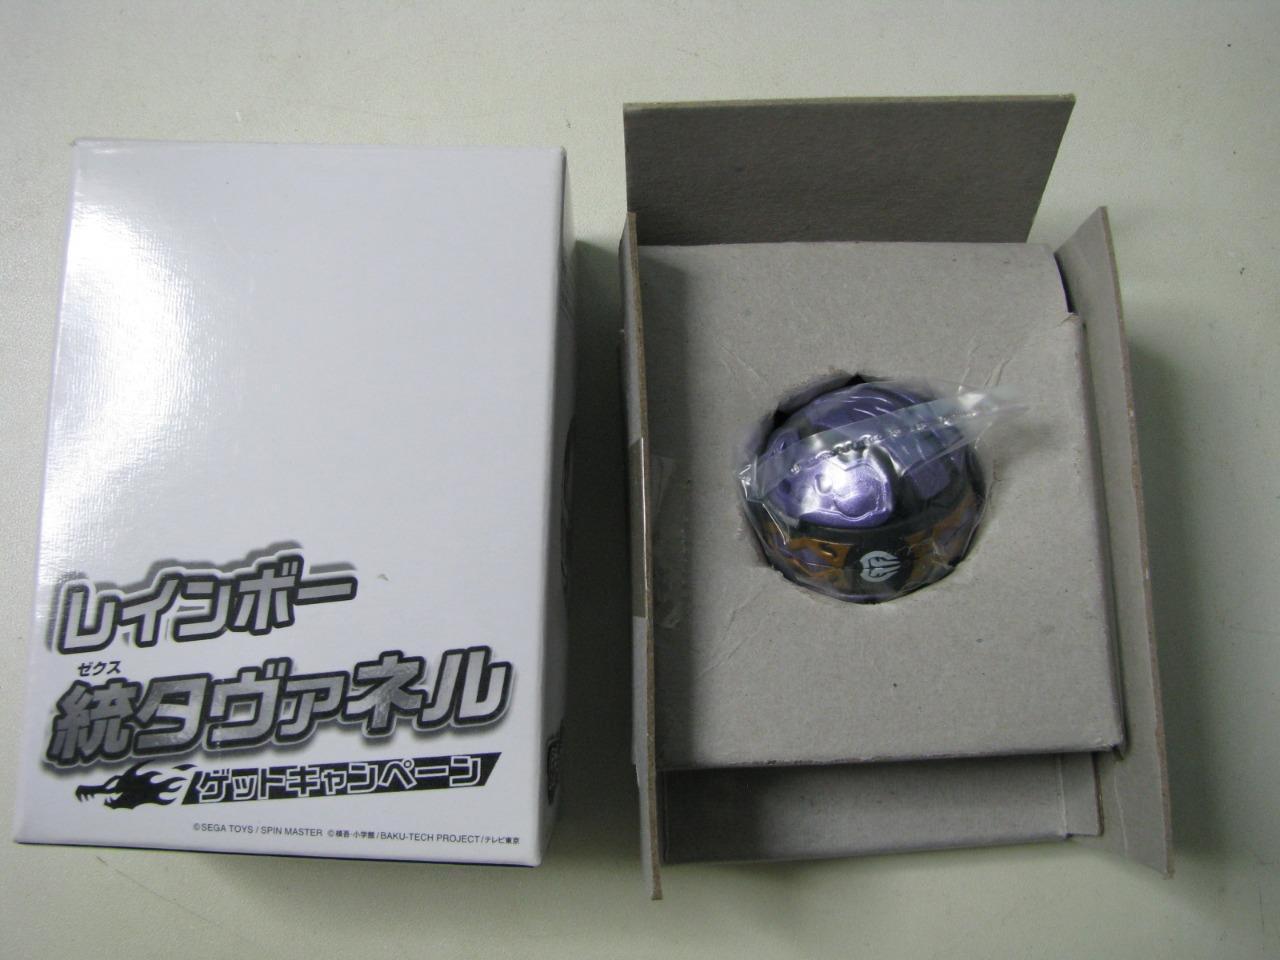 RARE Bakugan Bakugan Bakugan baku tech Sechs Tavanel DARK version Japan IMPORT SEGA TOYS b07c5b